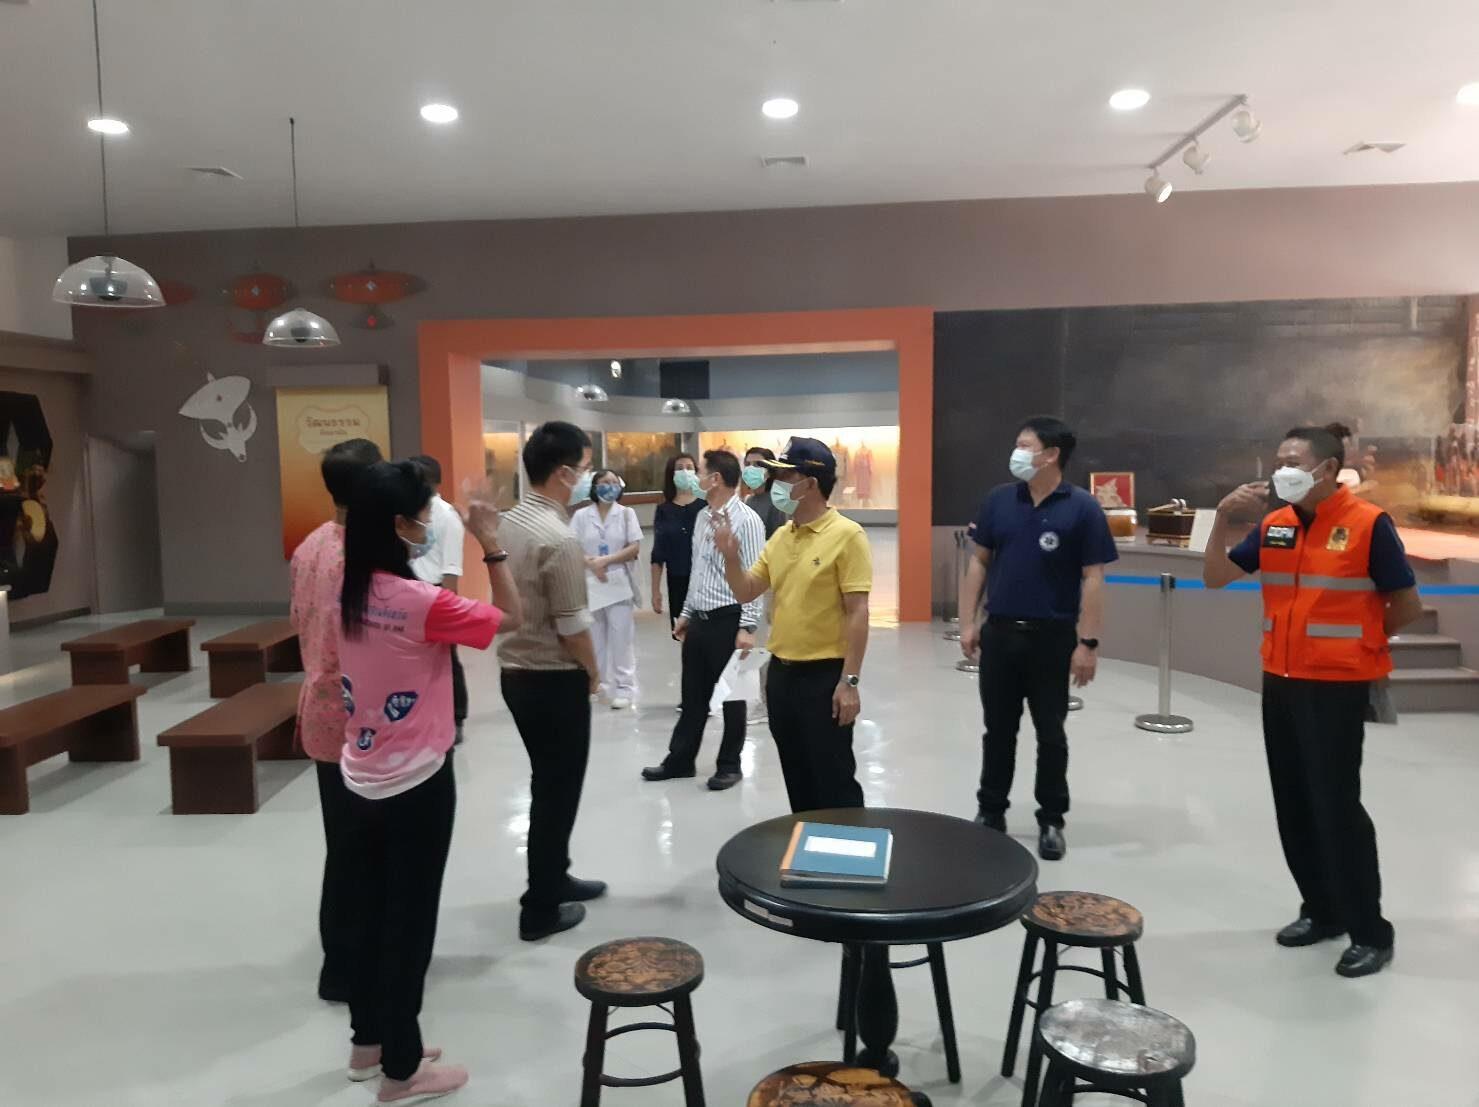 พังงาเตรียมเปิดรพ.สนาม ที่ศูนย์ศึกษาวิจัย ศิลปกรรม วัฒนธรรมและประเพณีแห่งอันดามัน